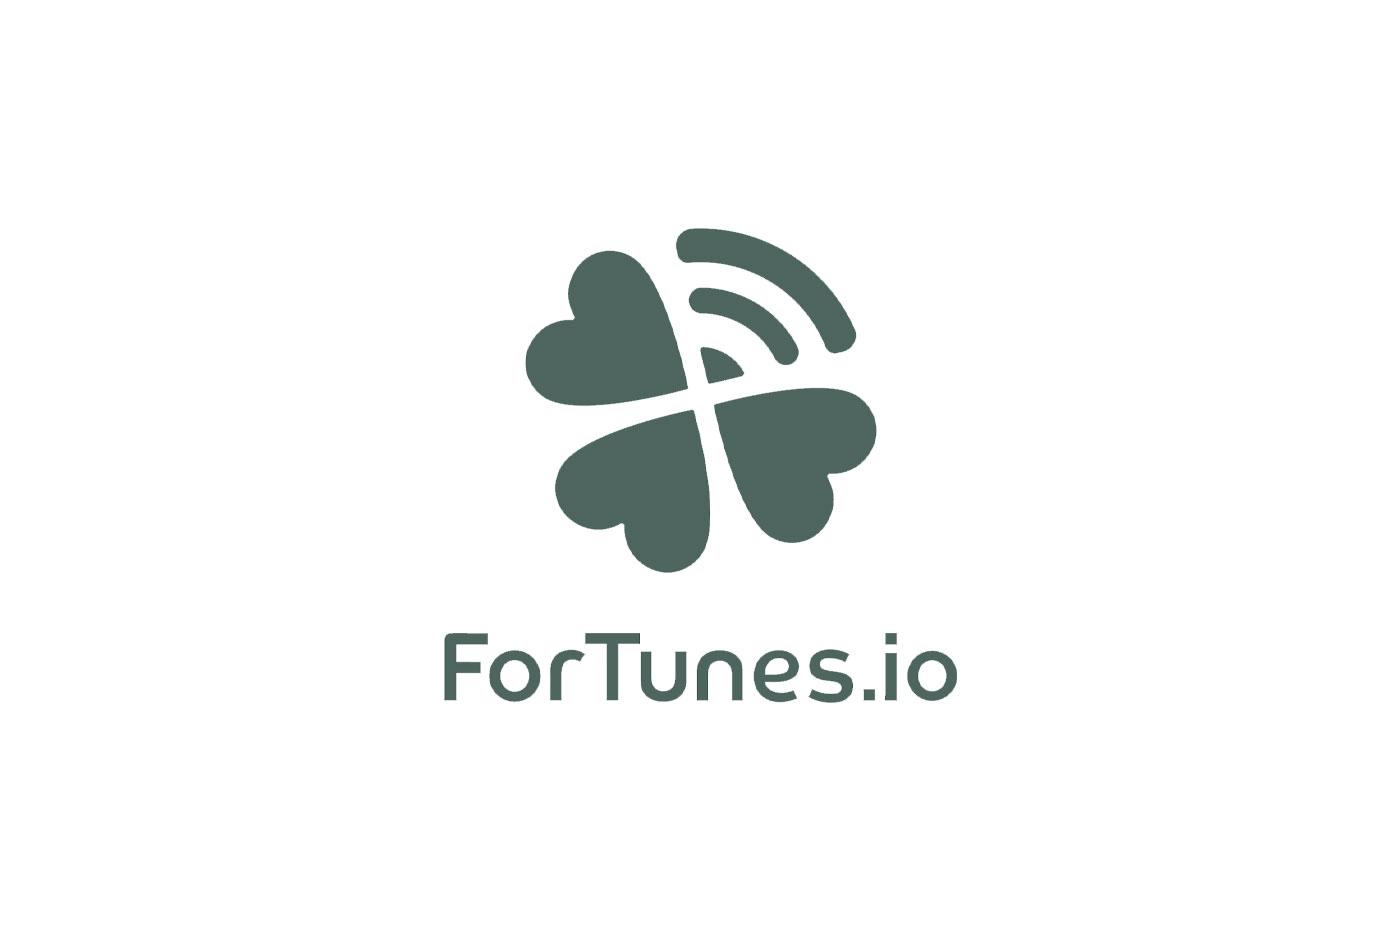 ForTunes